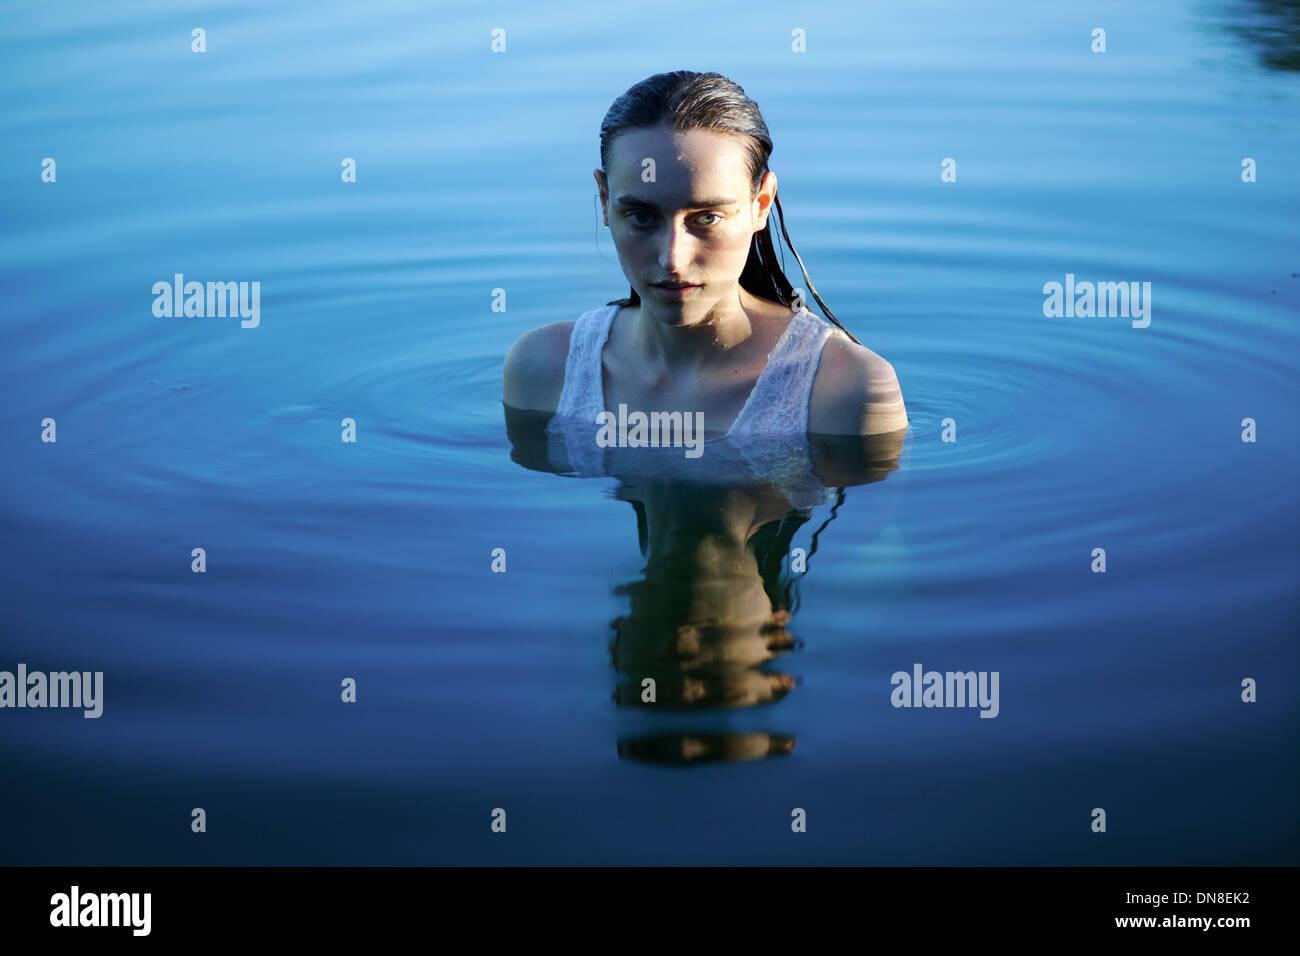 Giovane donna in piedi in acqua, ritratto Immagini Stock